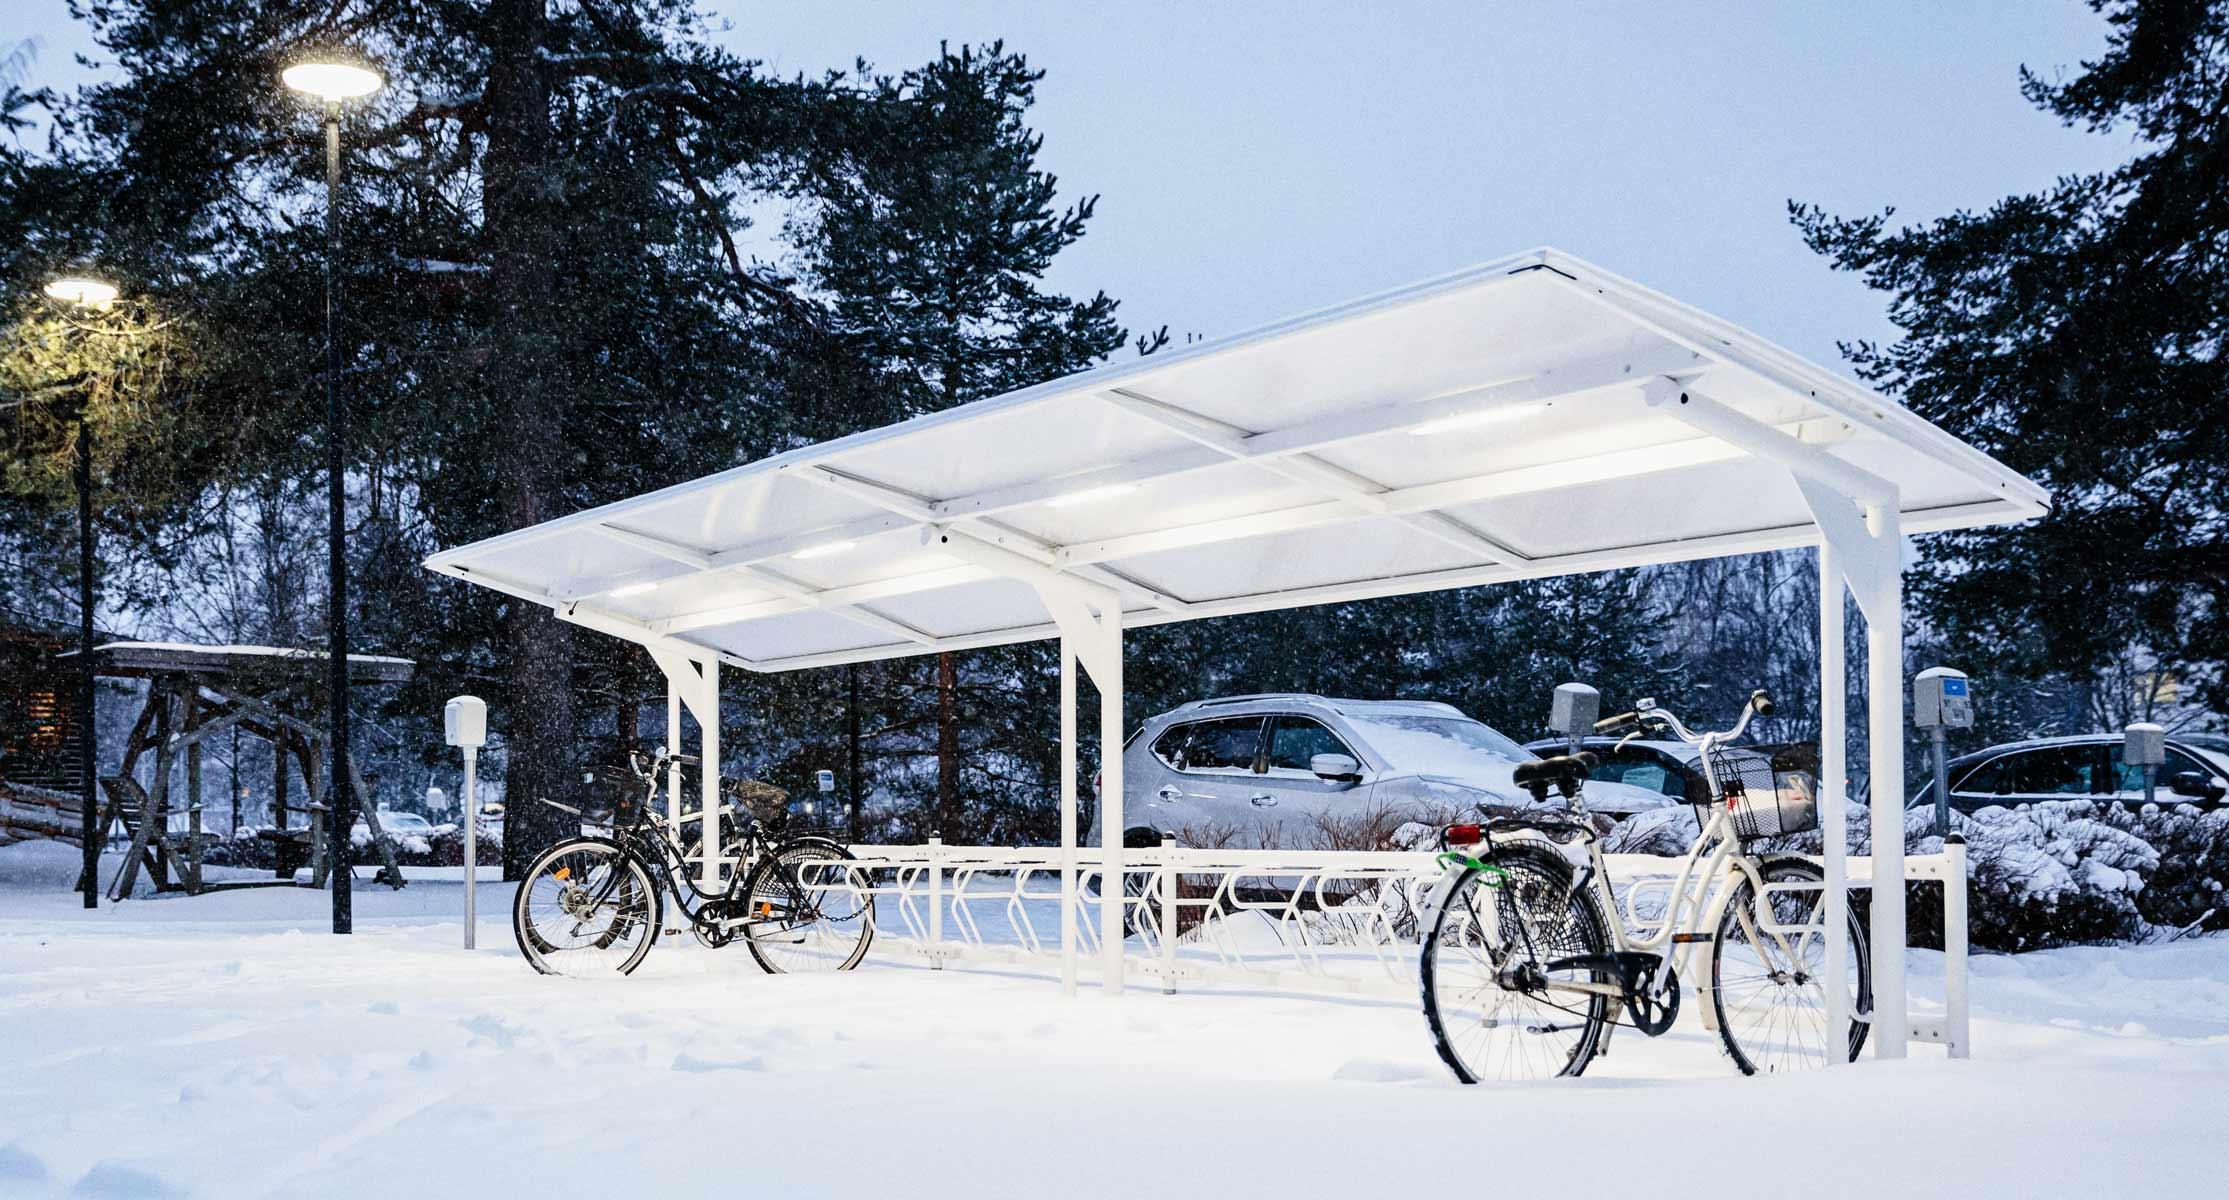 Cykeltak för vintercykling